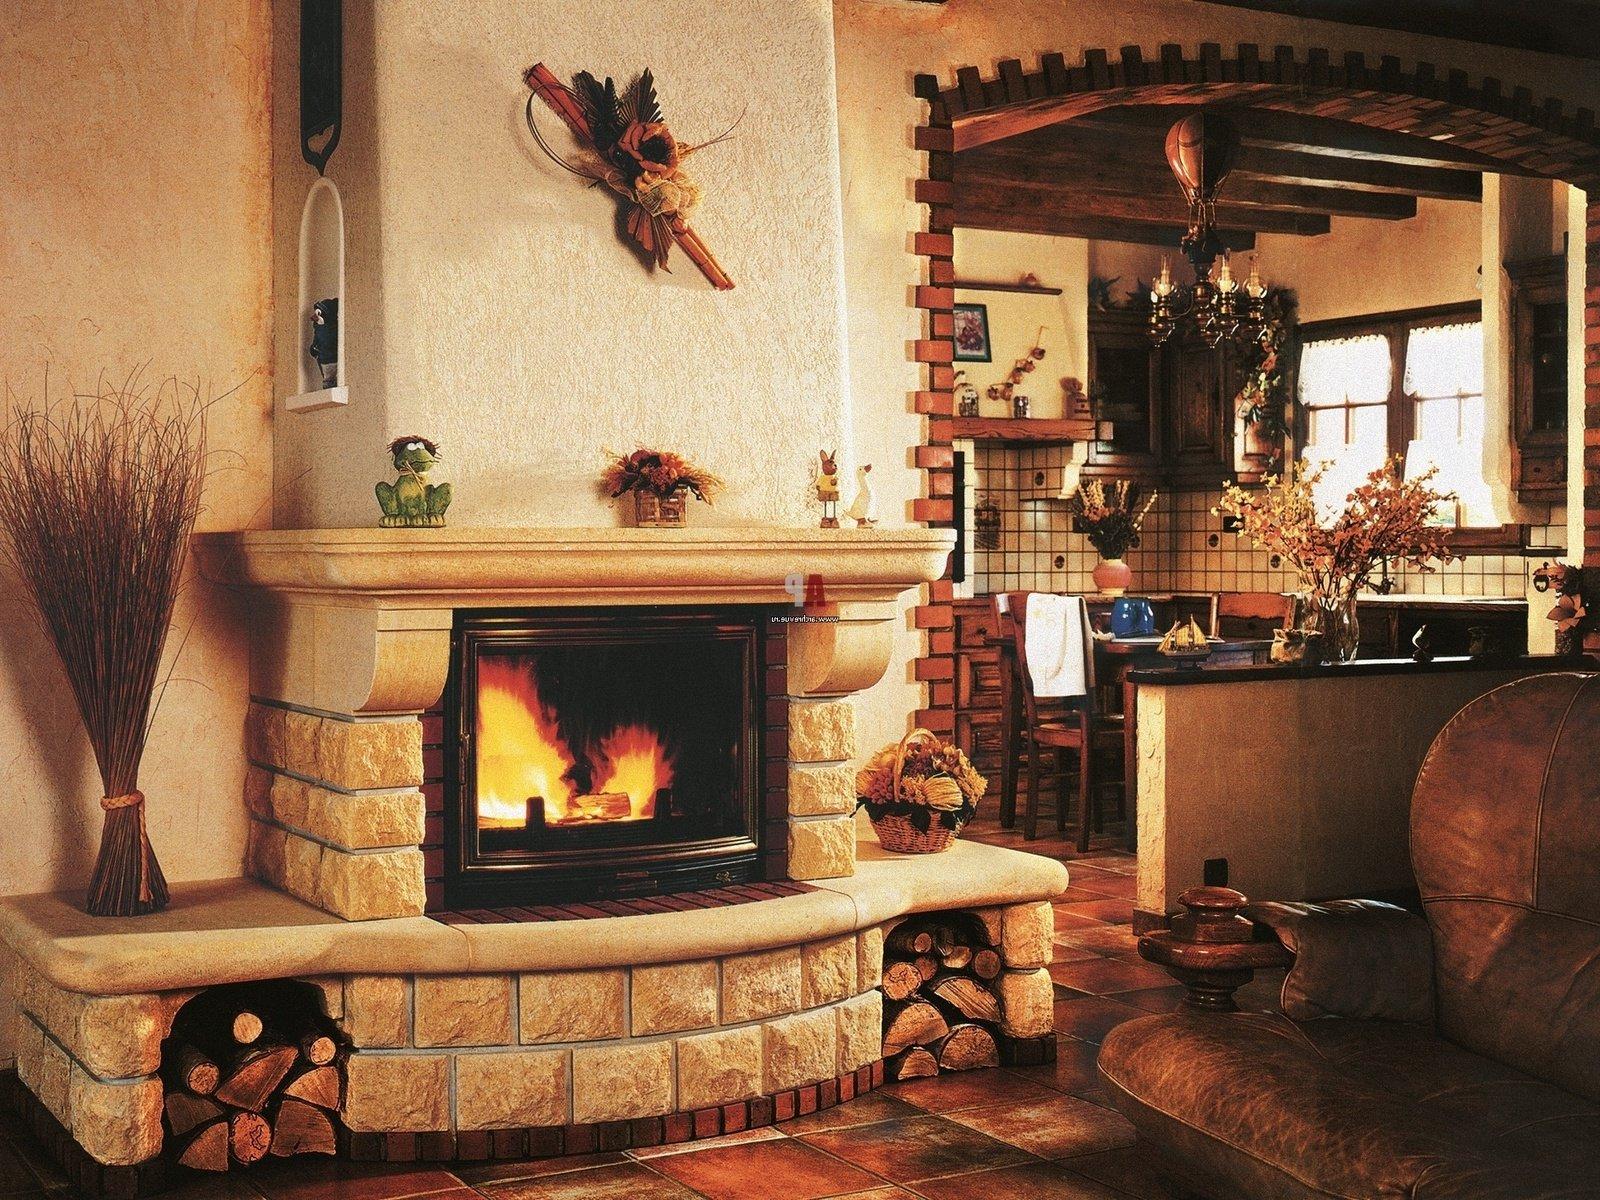 дизайн печи-камина в доме фото